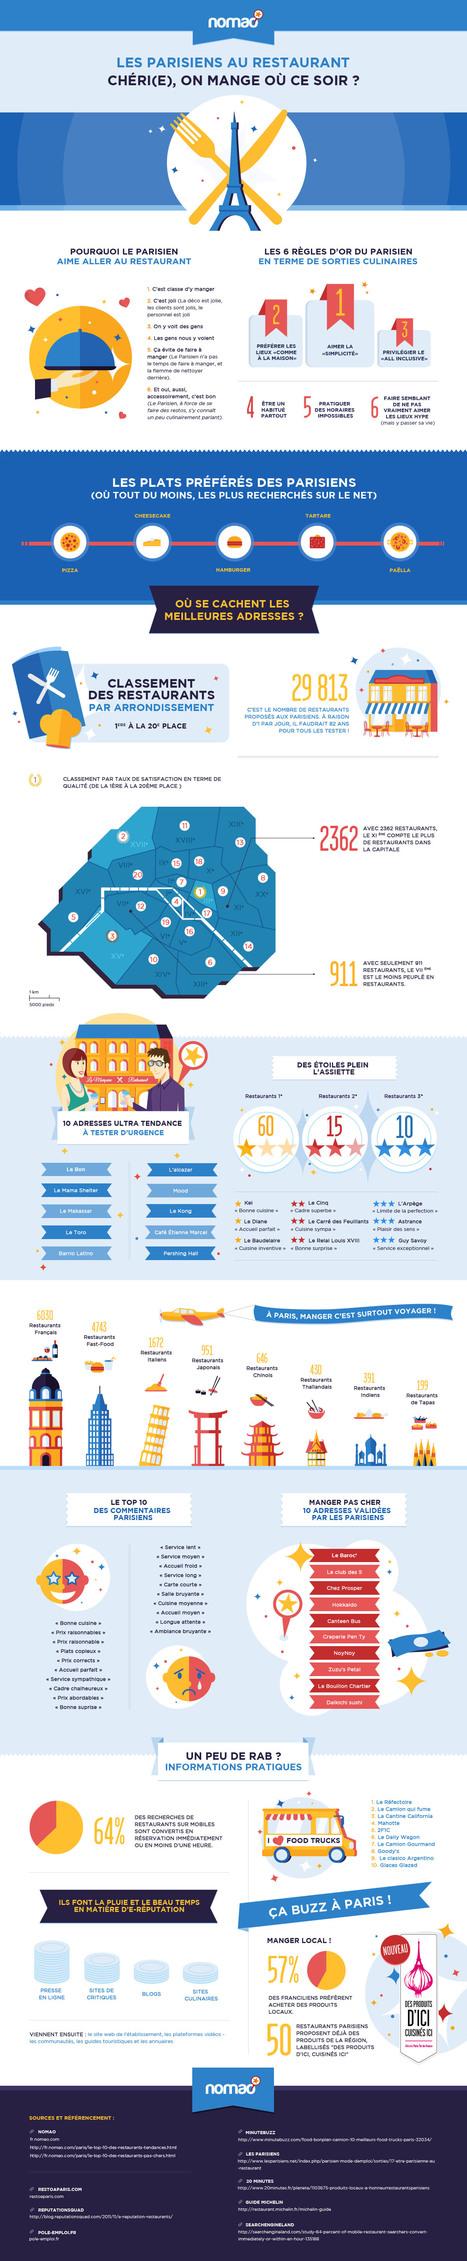 Nomao - infographie - meilleurs restaurants paris | Toulouse networks | Scoop.it